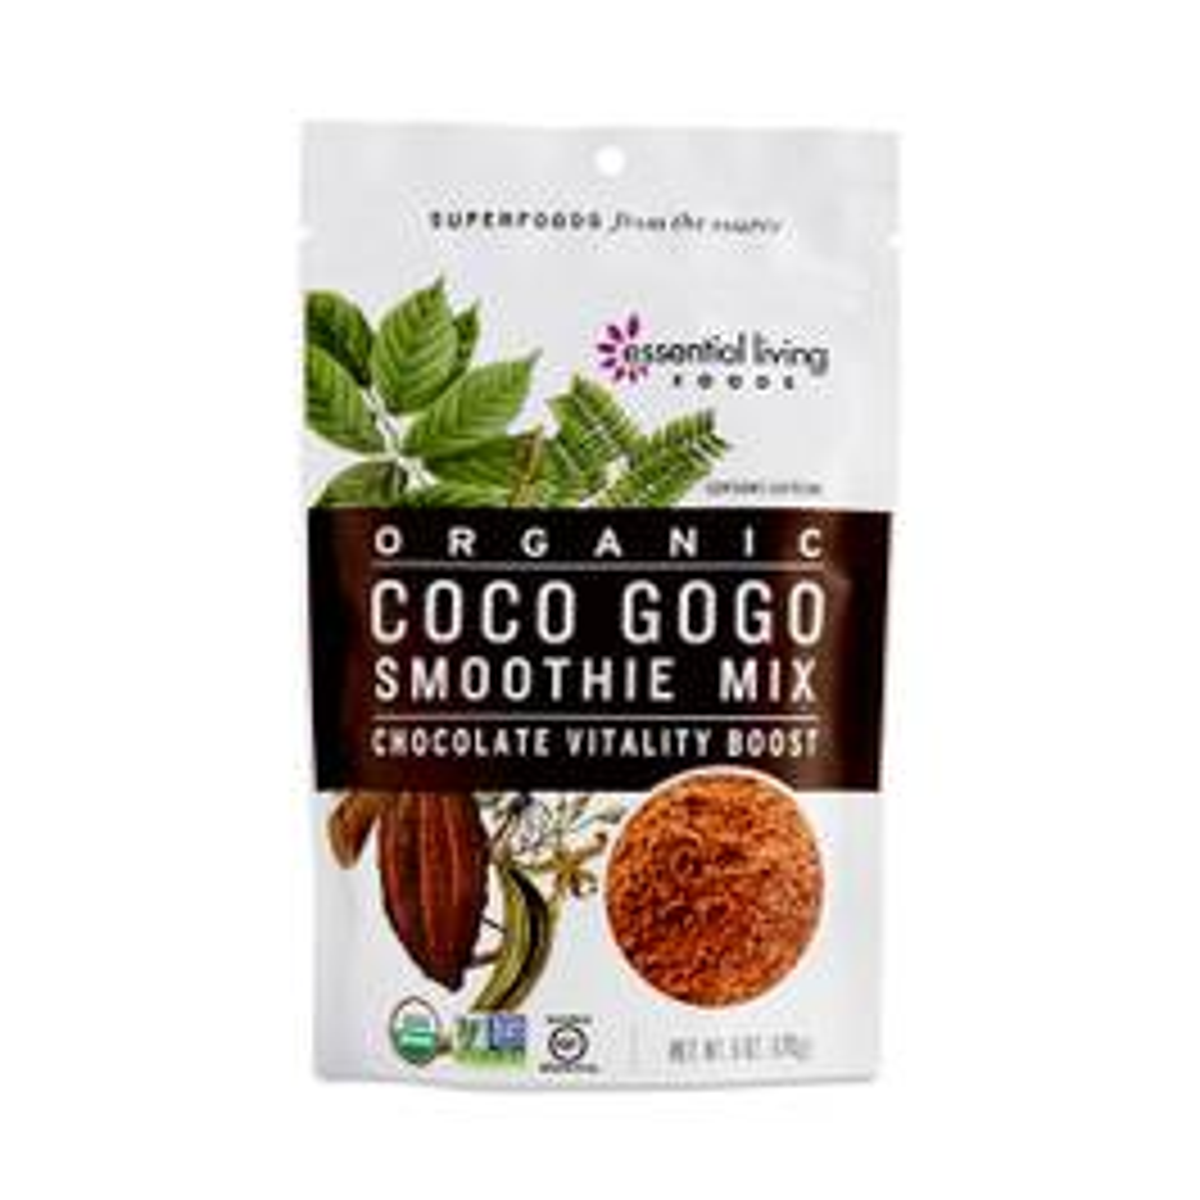 Coco Gogo Smoothie Mix